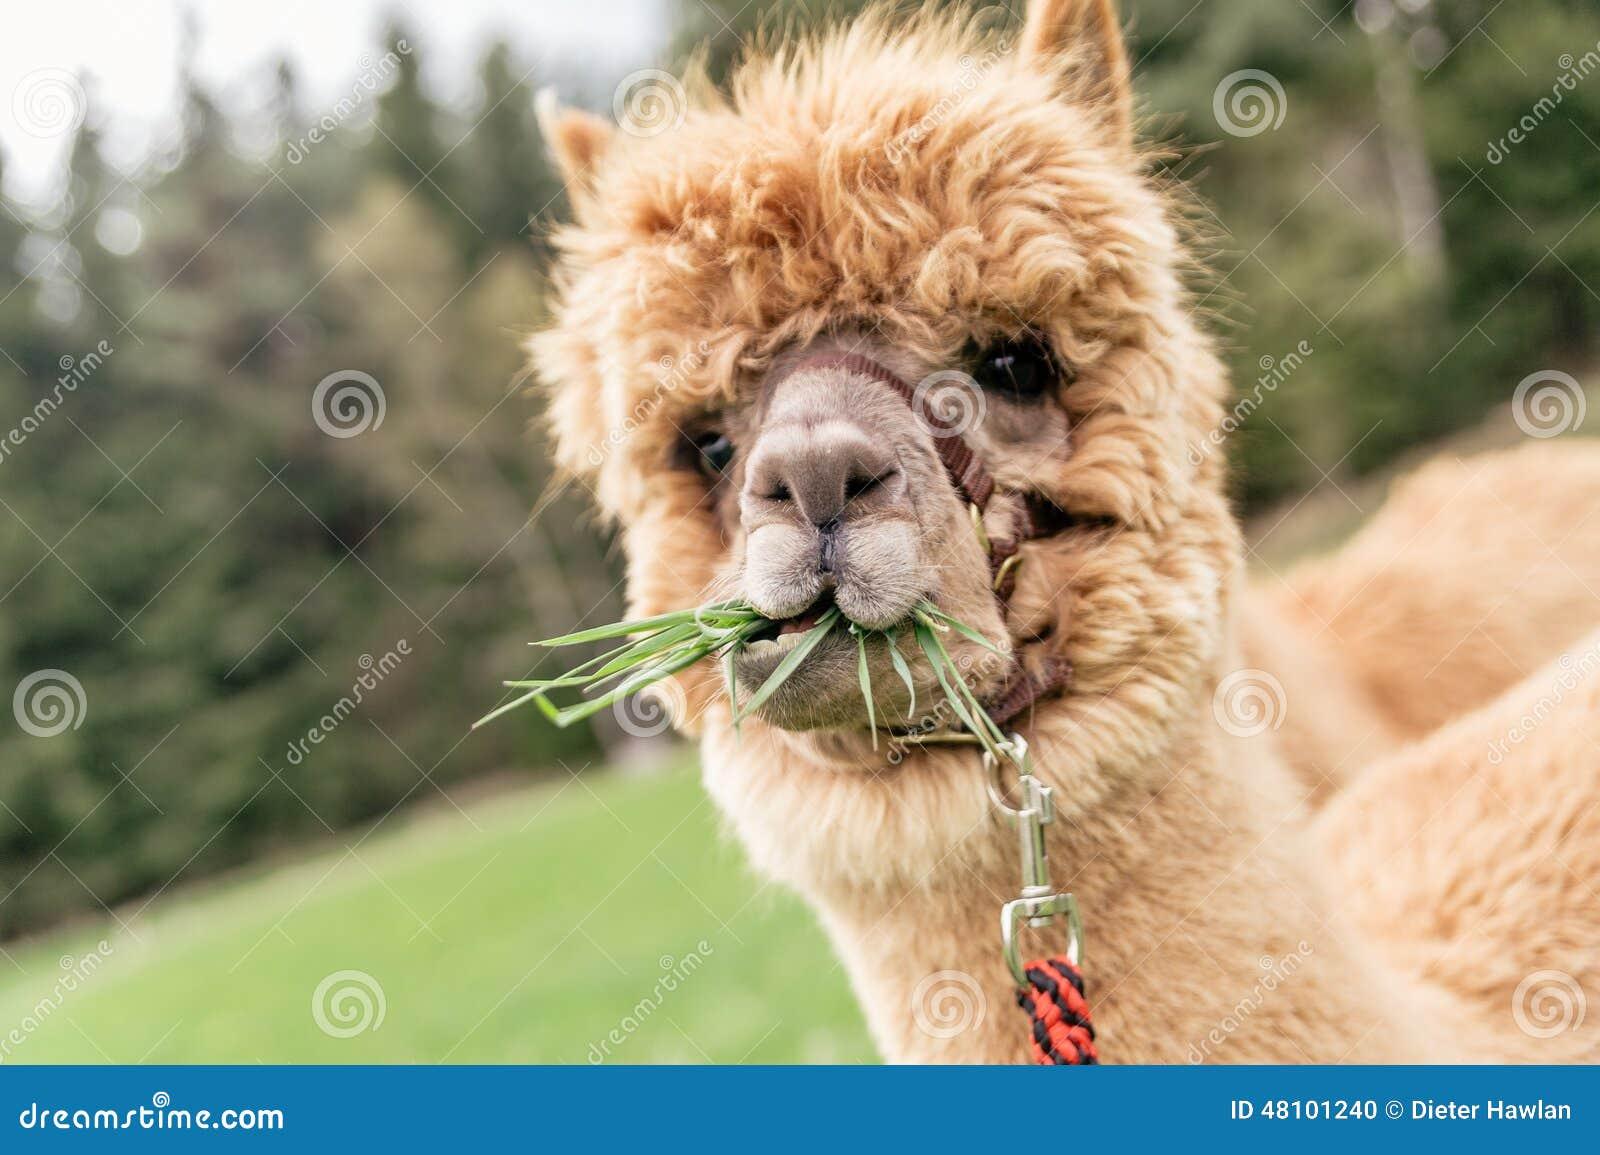 Alpaca dating website